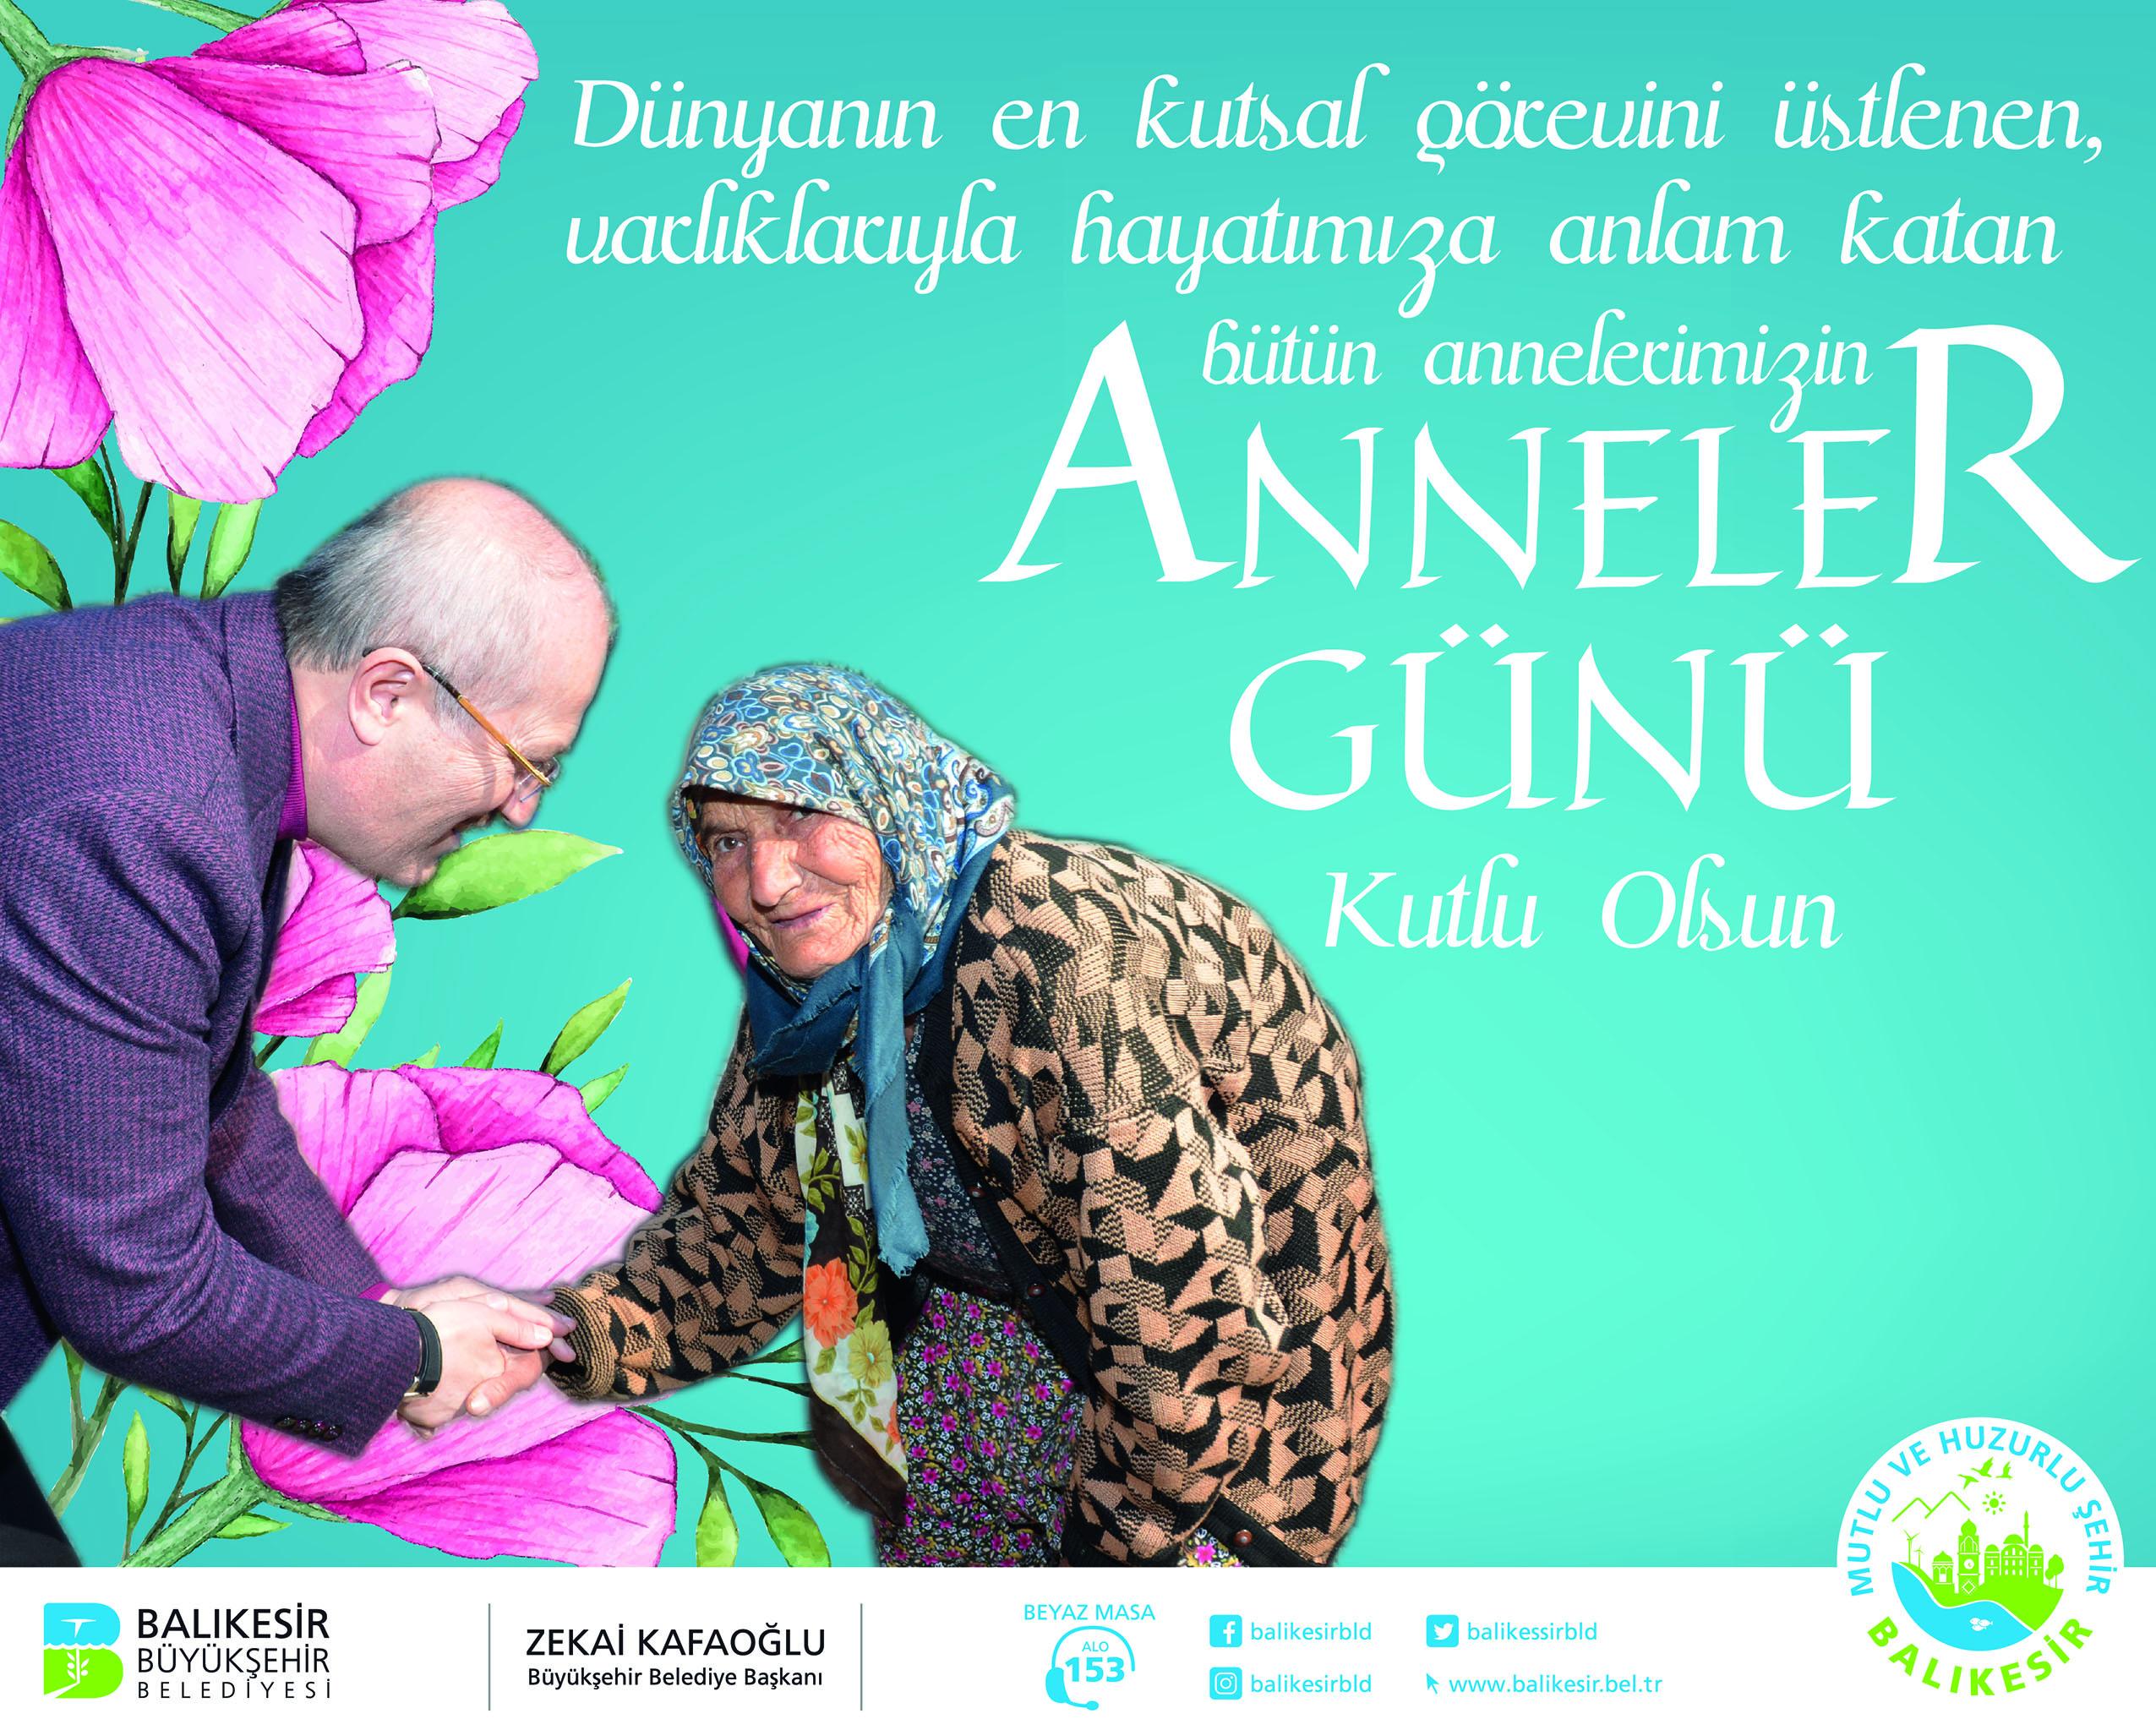 Balıkesir Büyükşehir Belediye Başkanlığı Anneler Günü Kutlaması